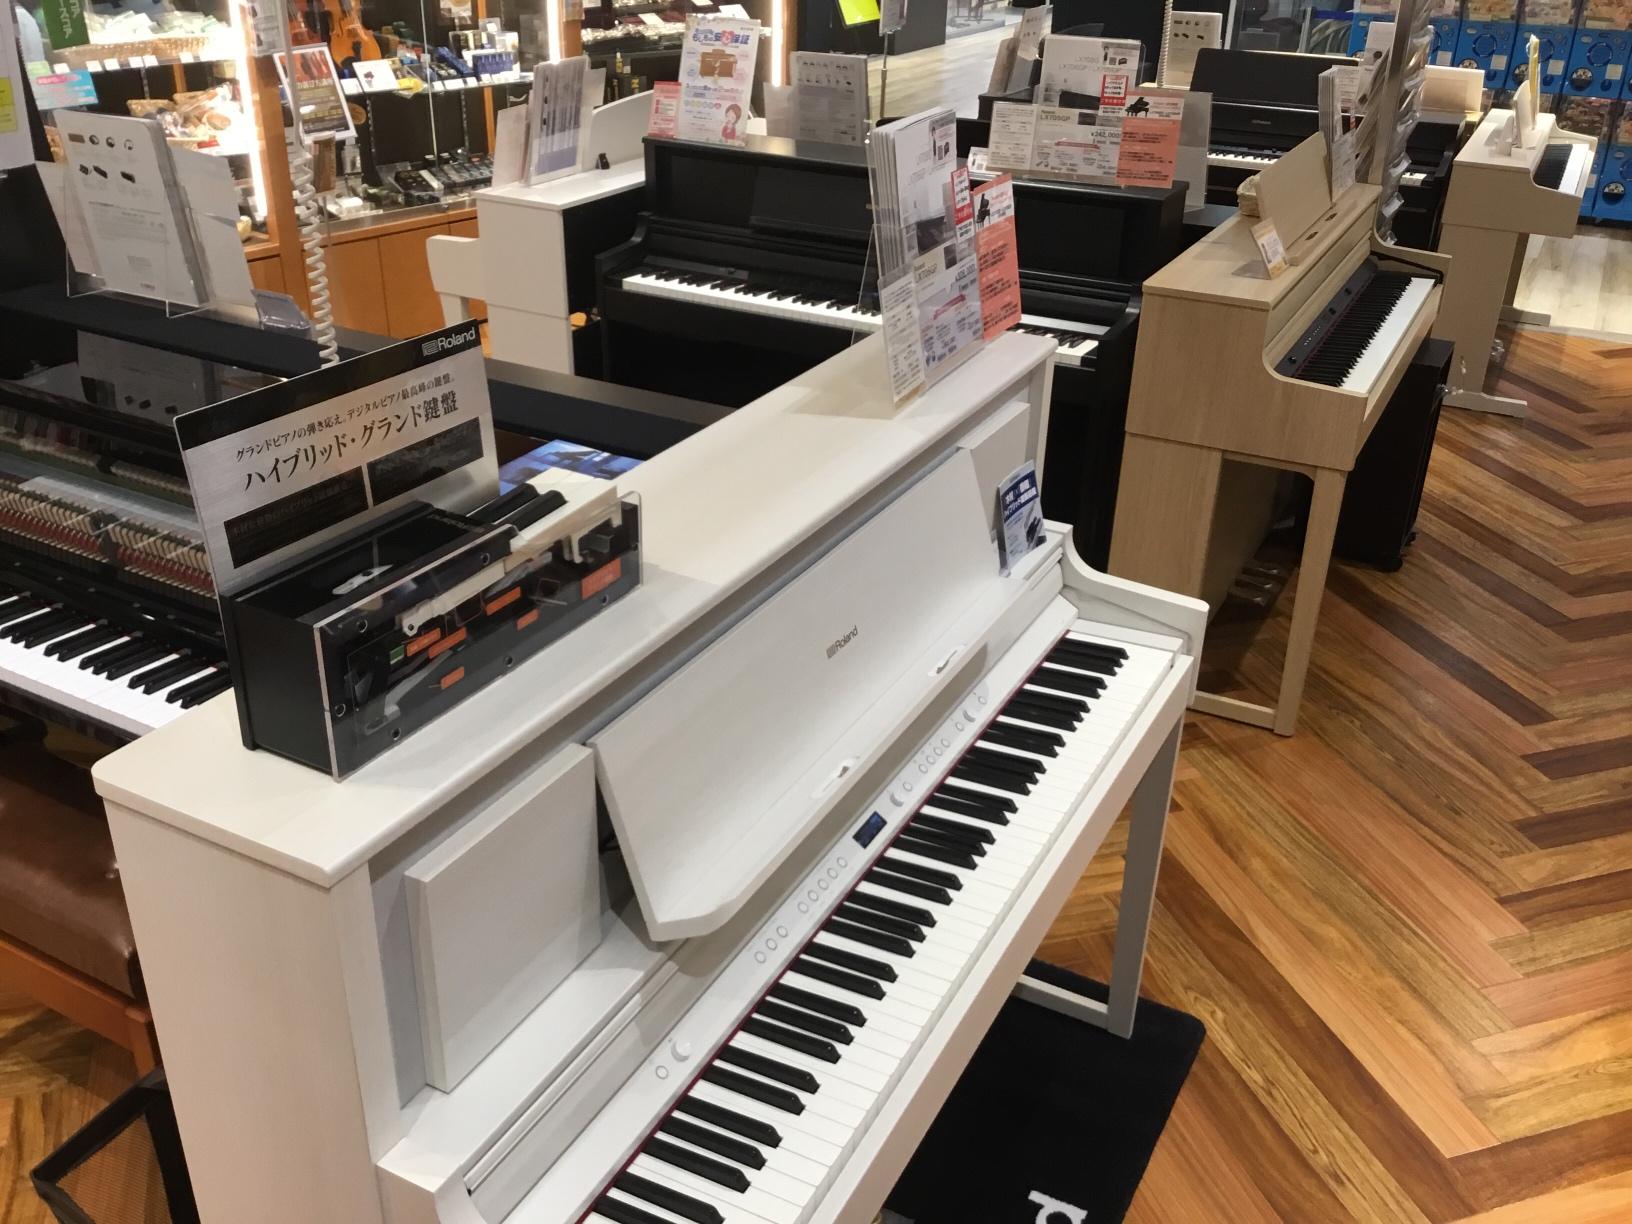 川口駅前島村楽器かわぐちキャスティ電子ピアノ総合